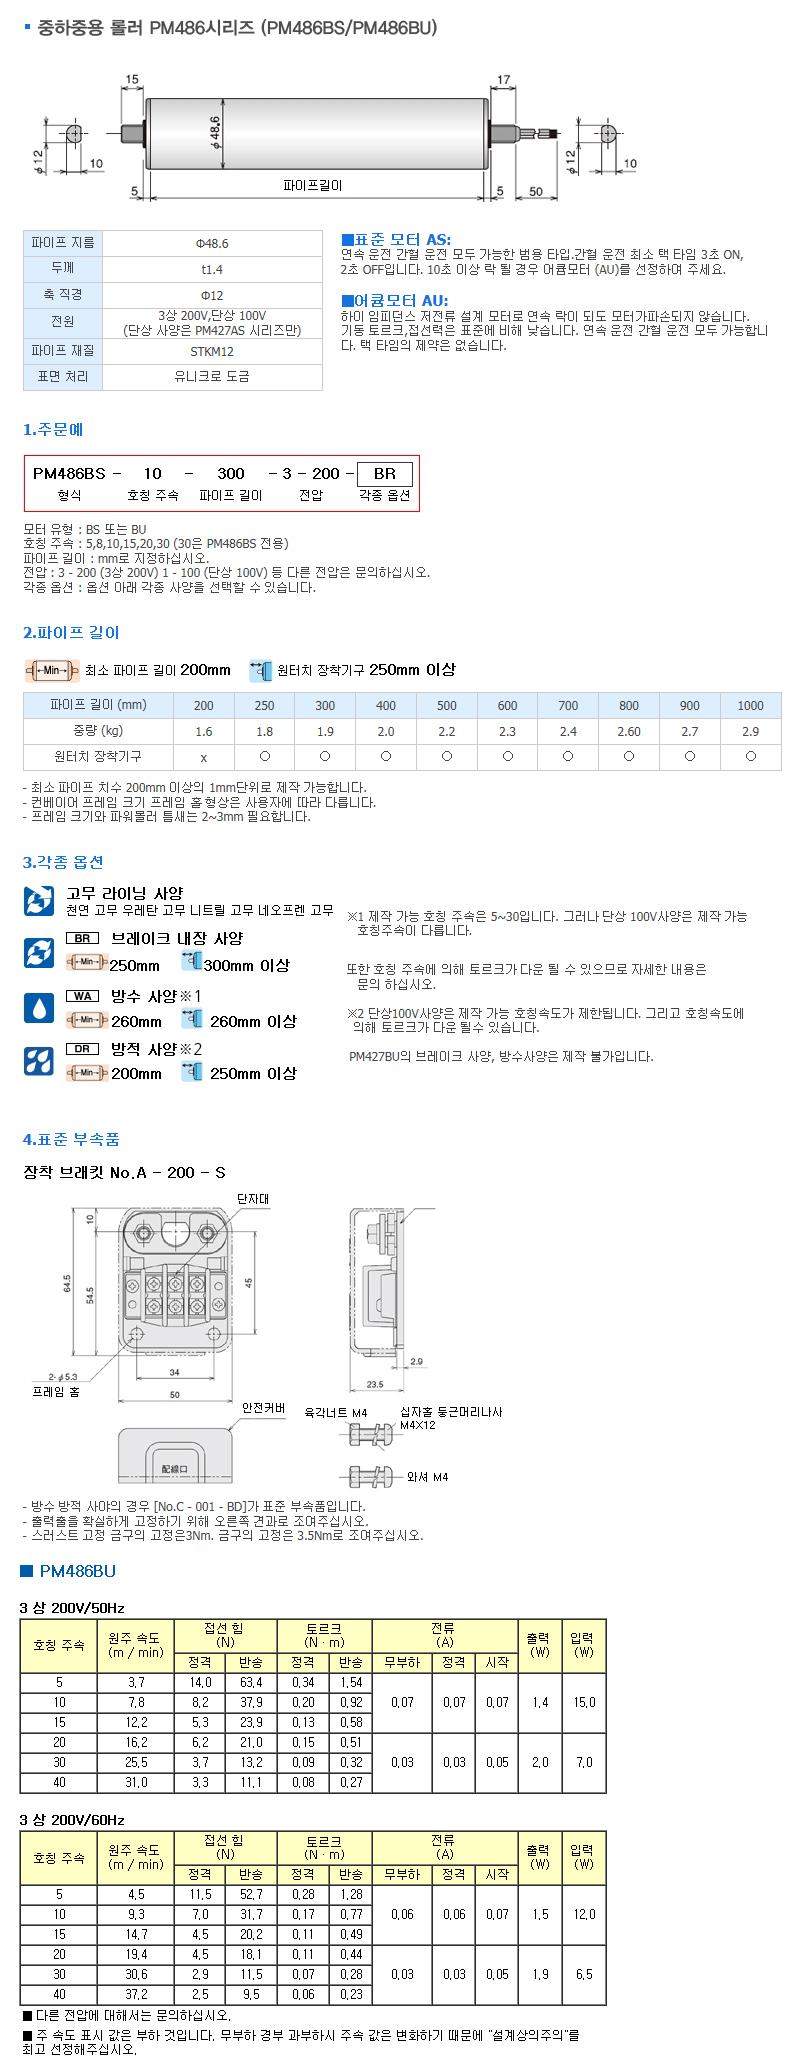 (주)은현산업 중하중용 롤러 PM486시리즈 PM486BU